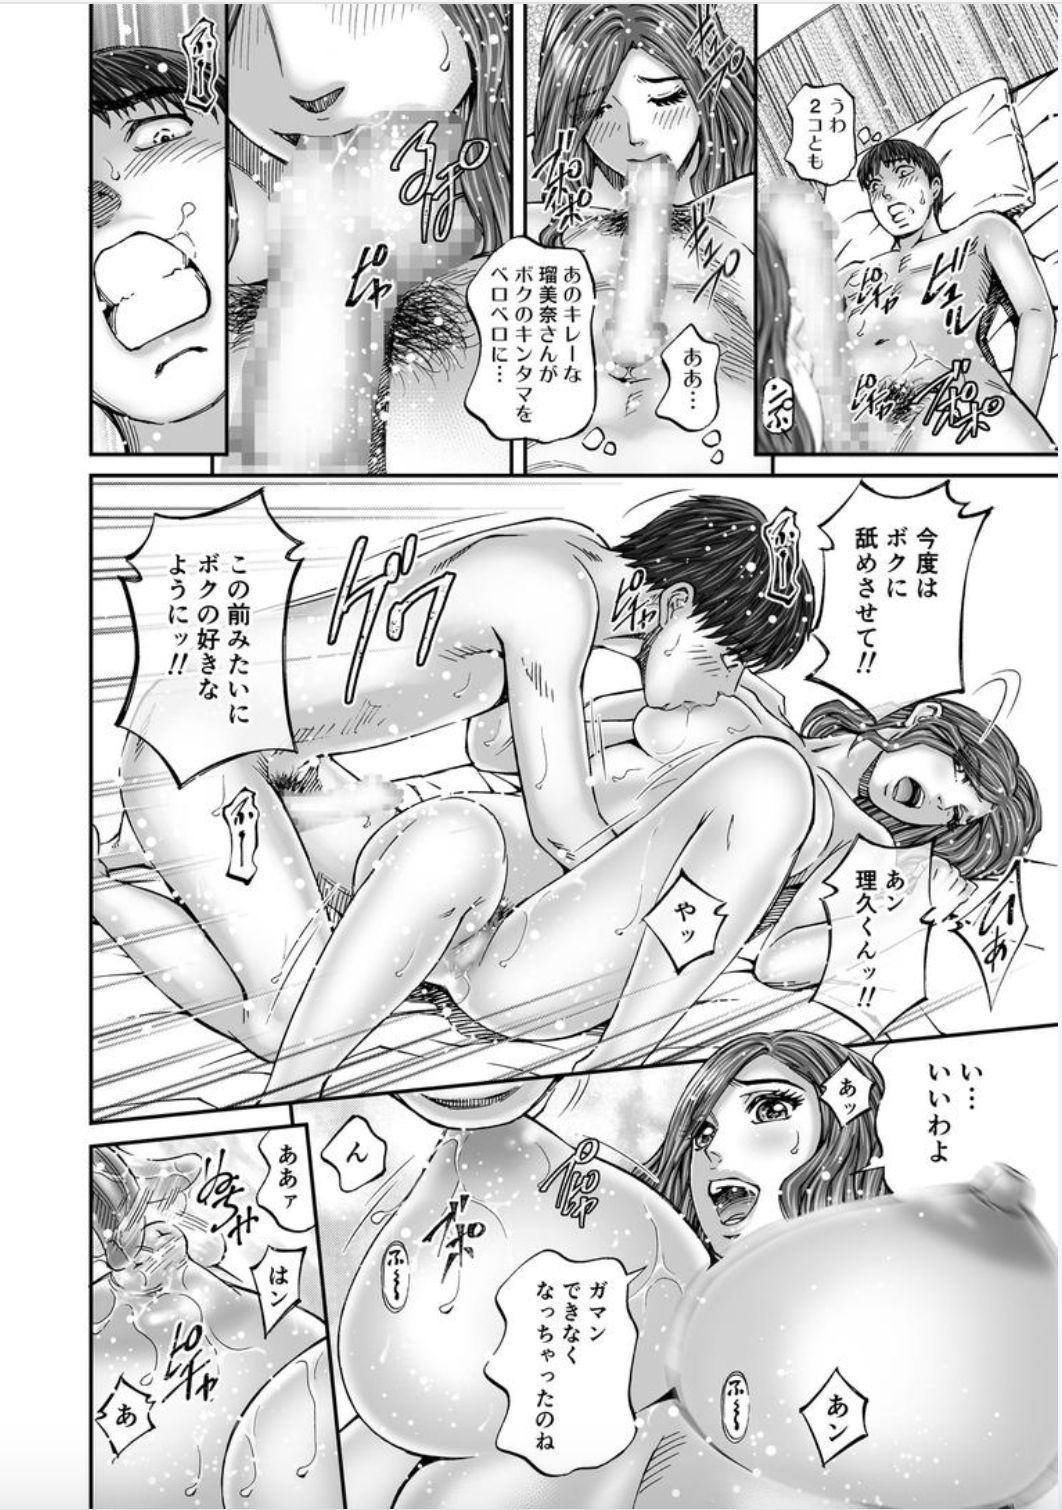 Seisyoku Dance Hitodzuma no chitsueki ni mamirete 1-2 88